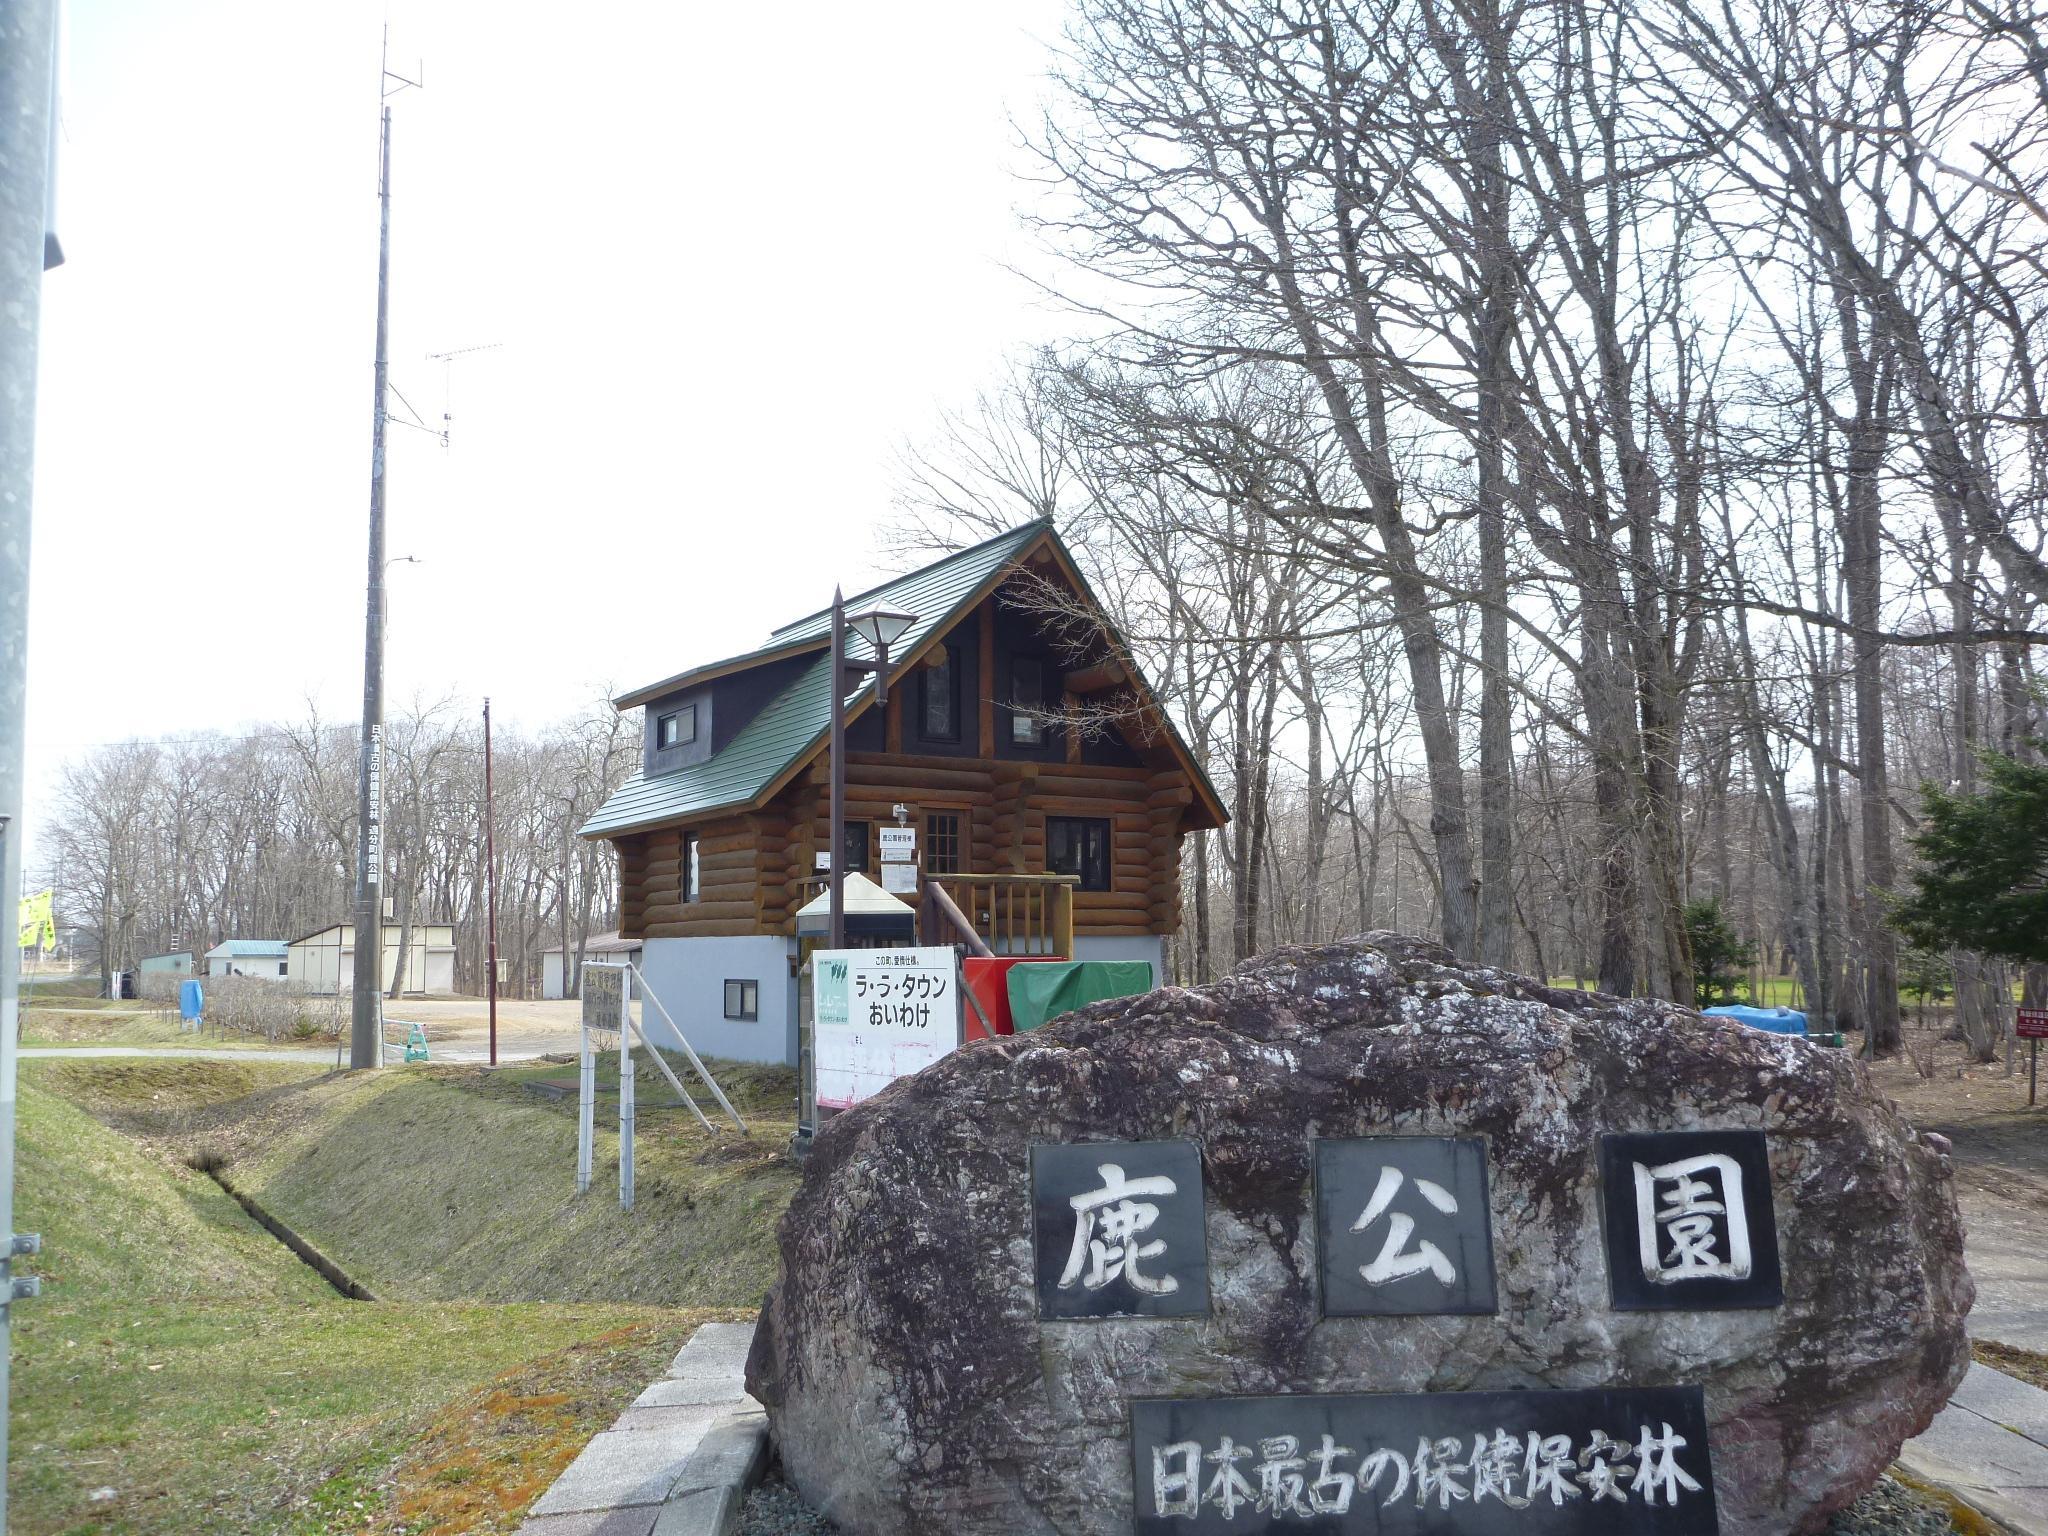 鹿公園入口